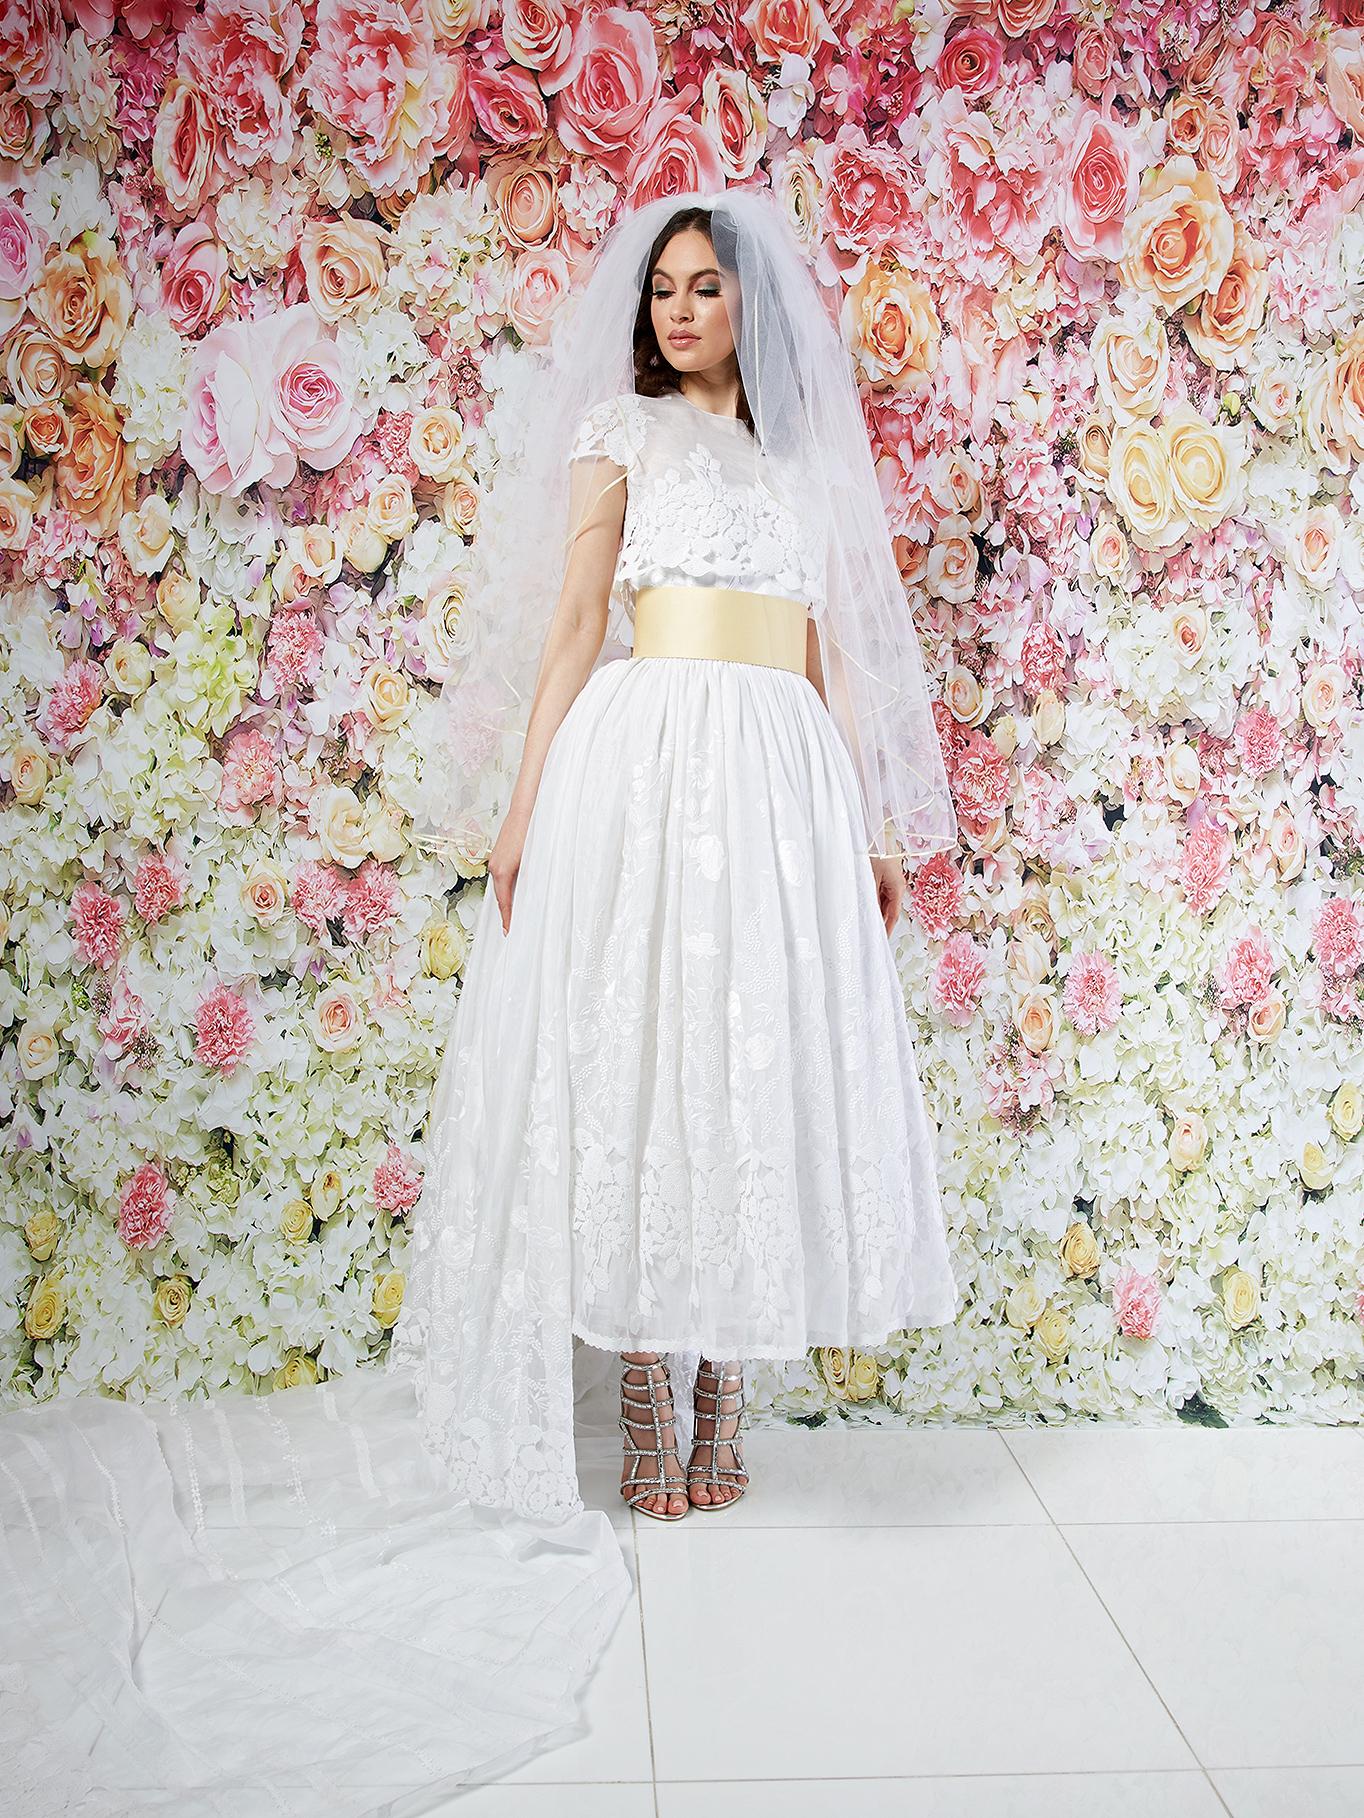 randi rahm wedding dress spring 2019 short-sleeved lace bodice overlay